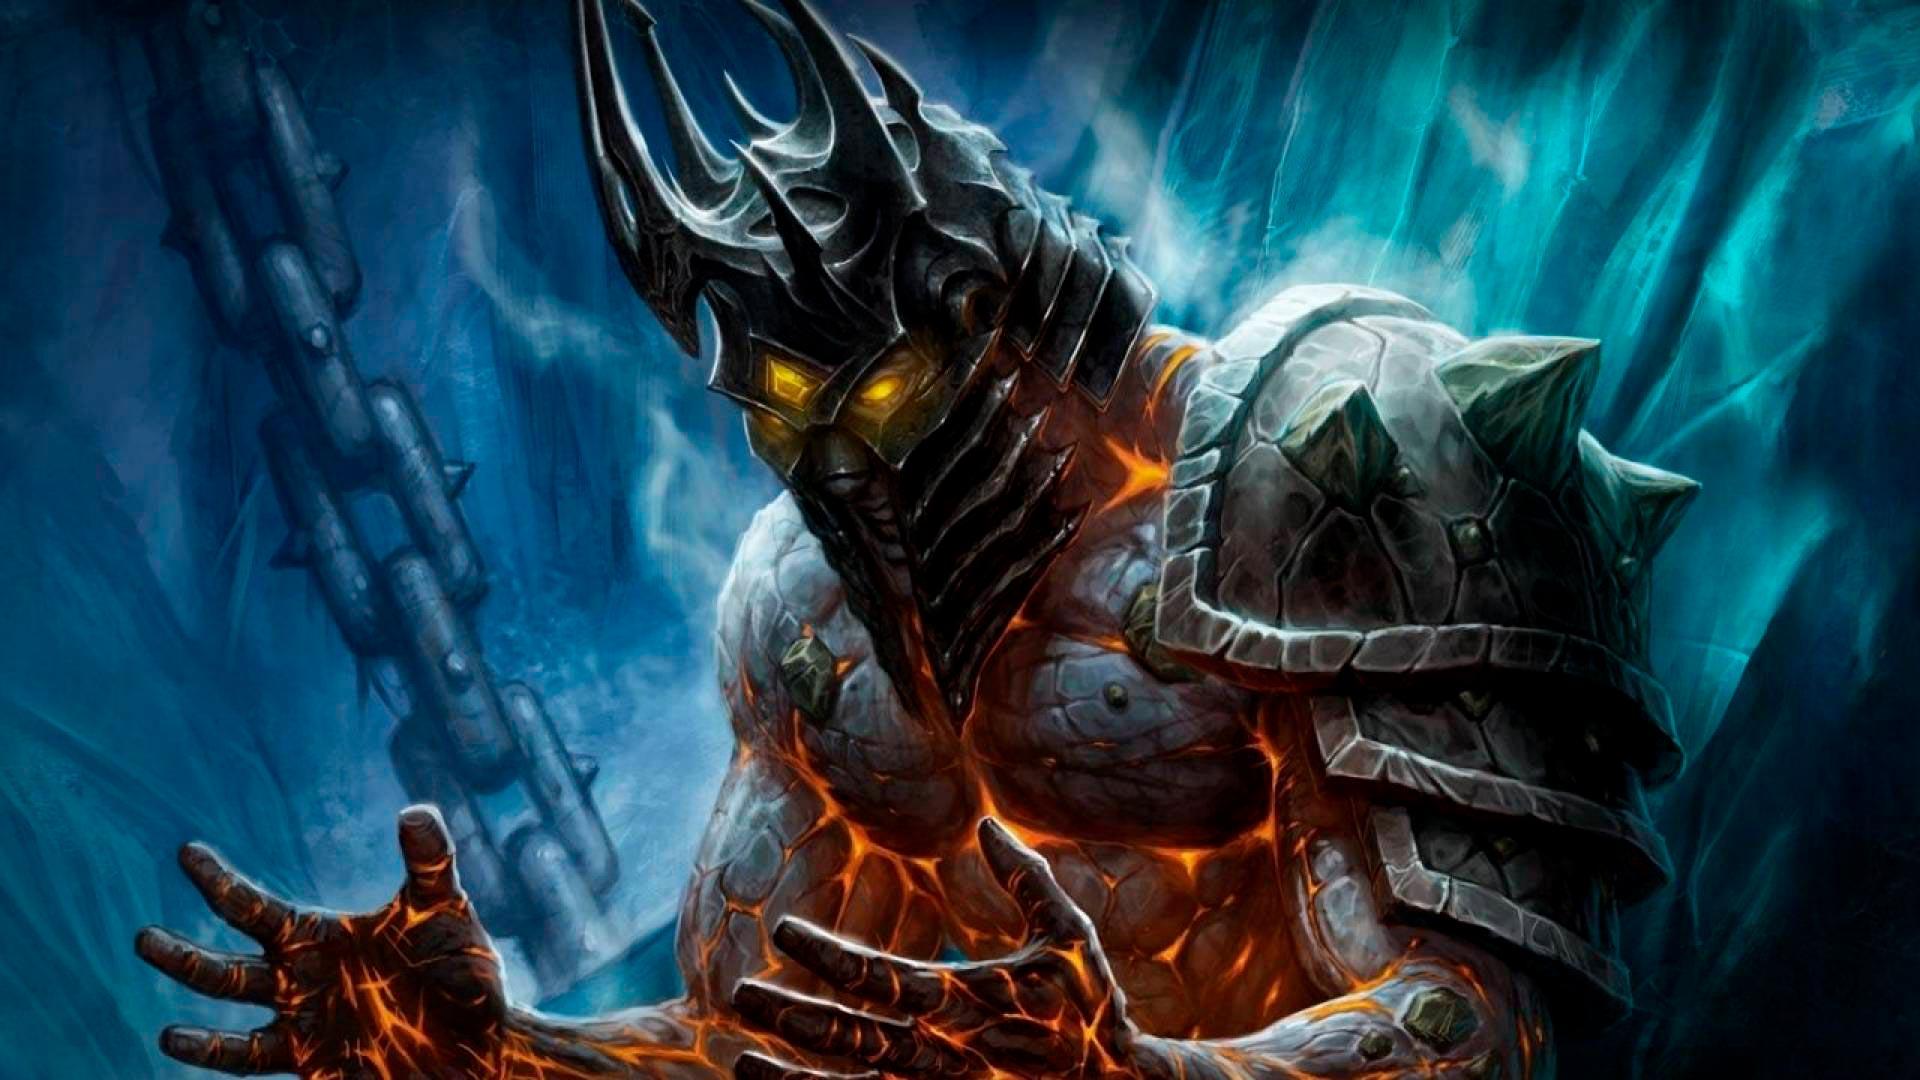 World of Warcraft красивые и крутые обои для рабочего стола 12